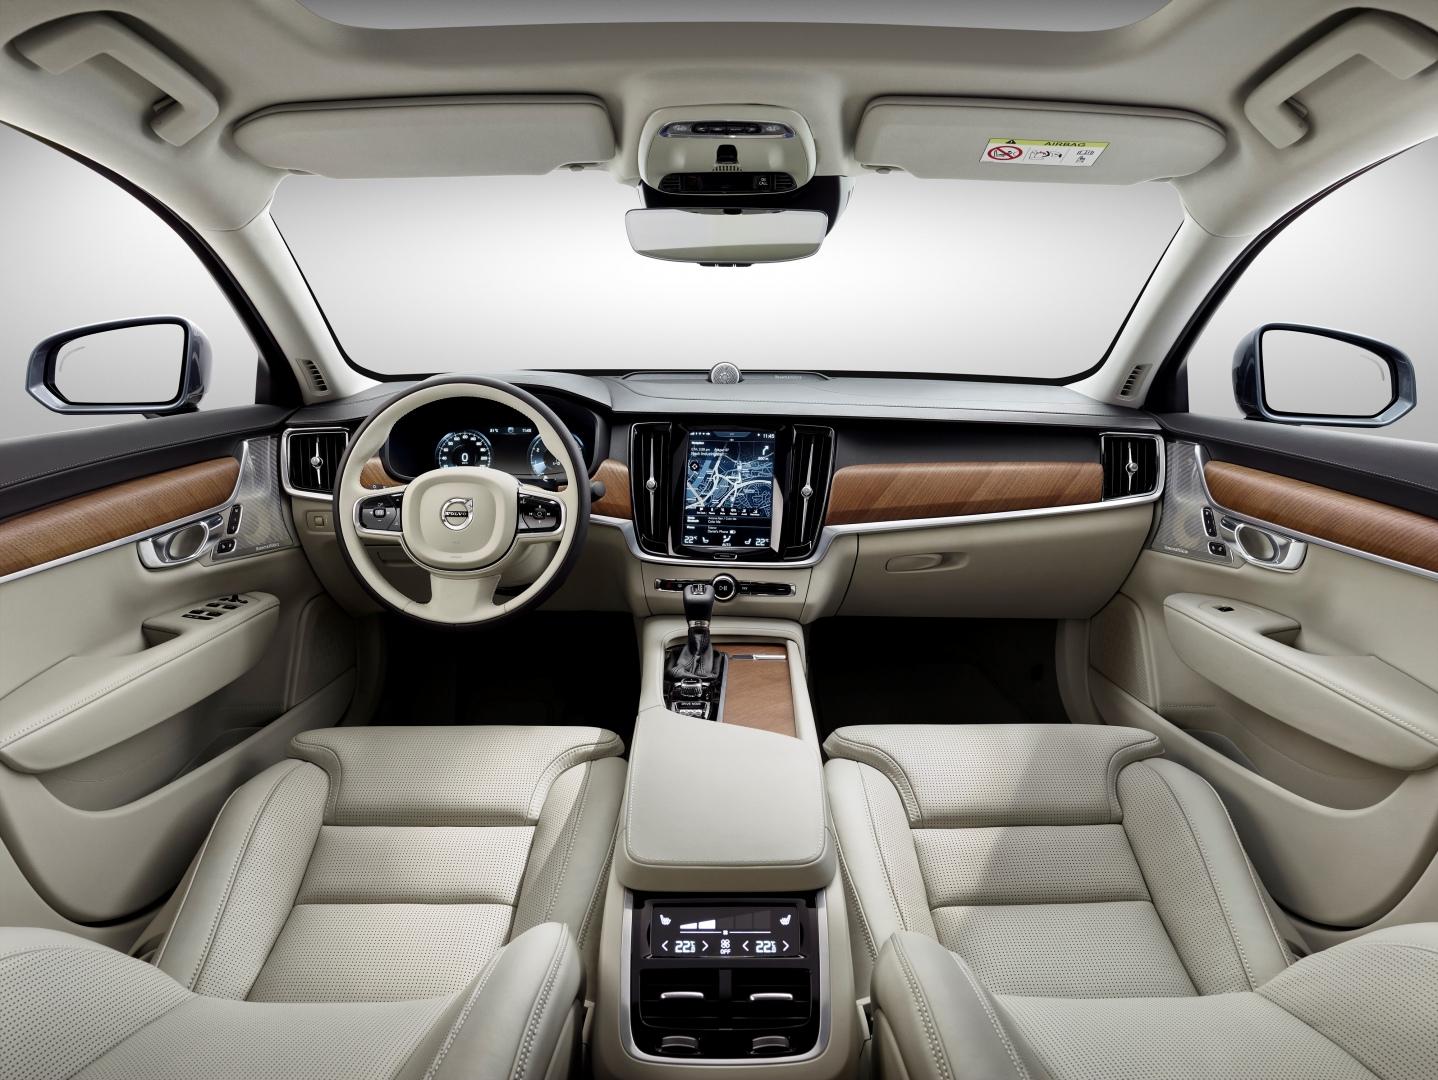 170101_Interior_Blond_Volvo_S90_V90